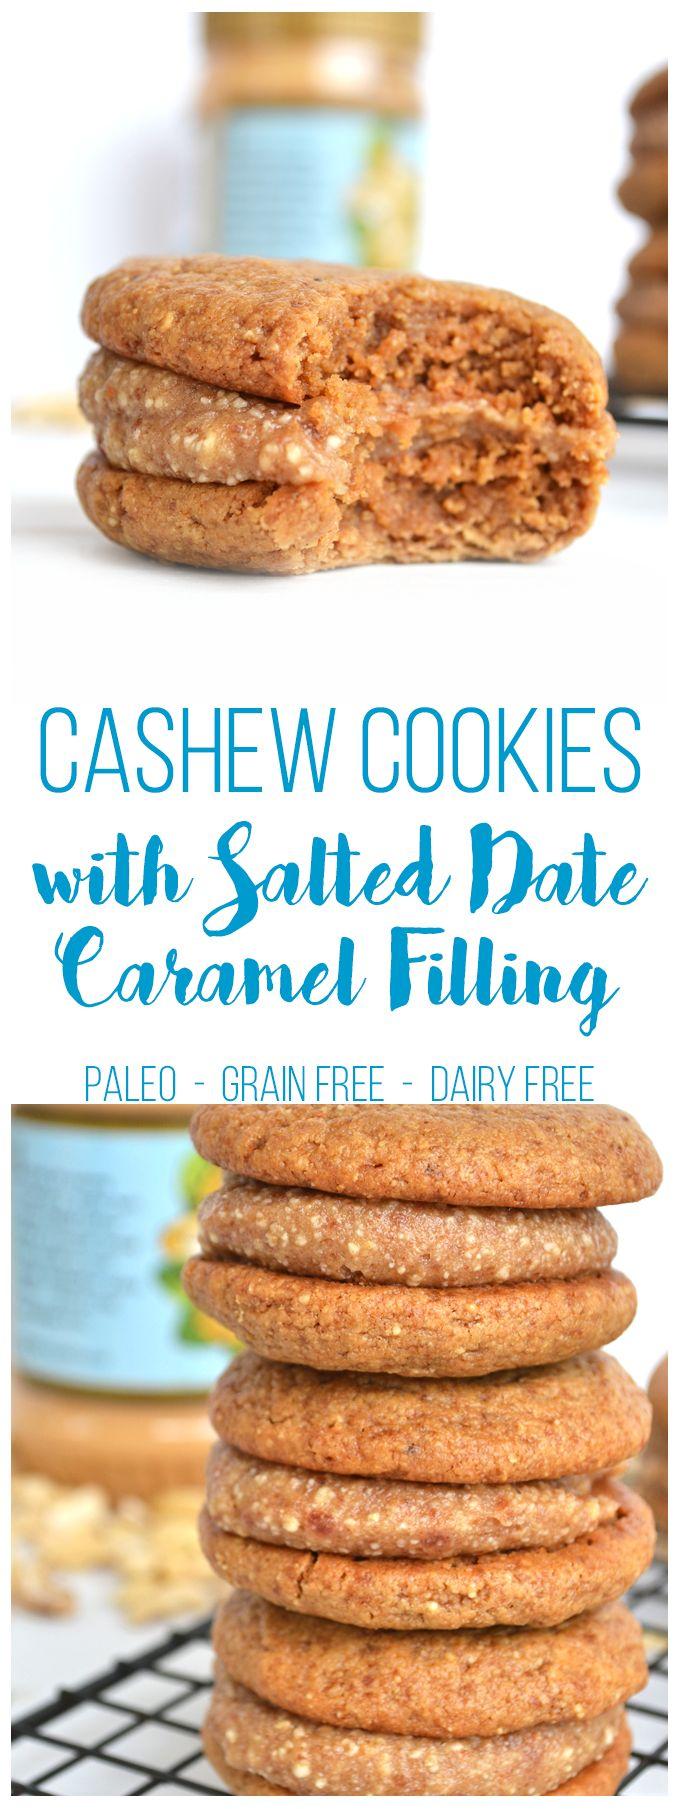 cookies perfeitos de castanha de caju recheados com falso caramelo de tamara